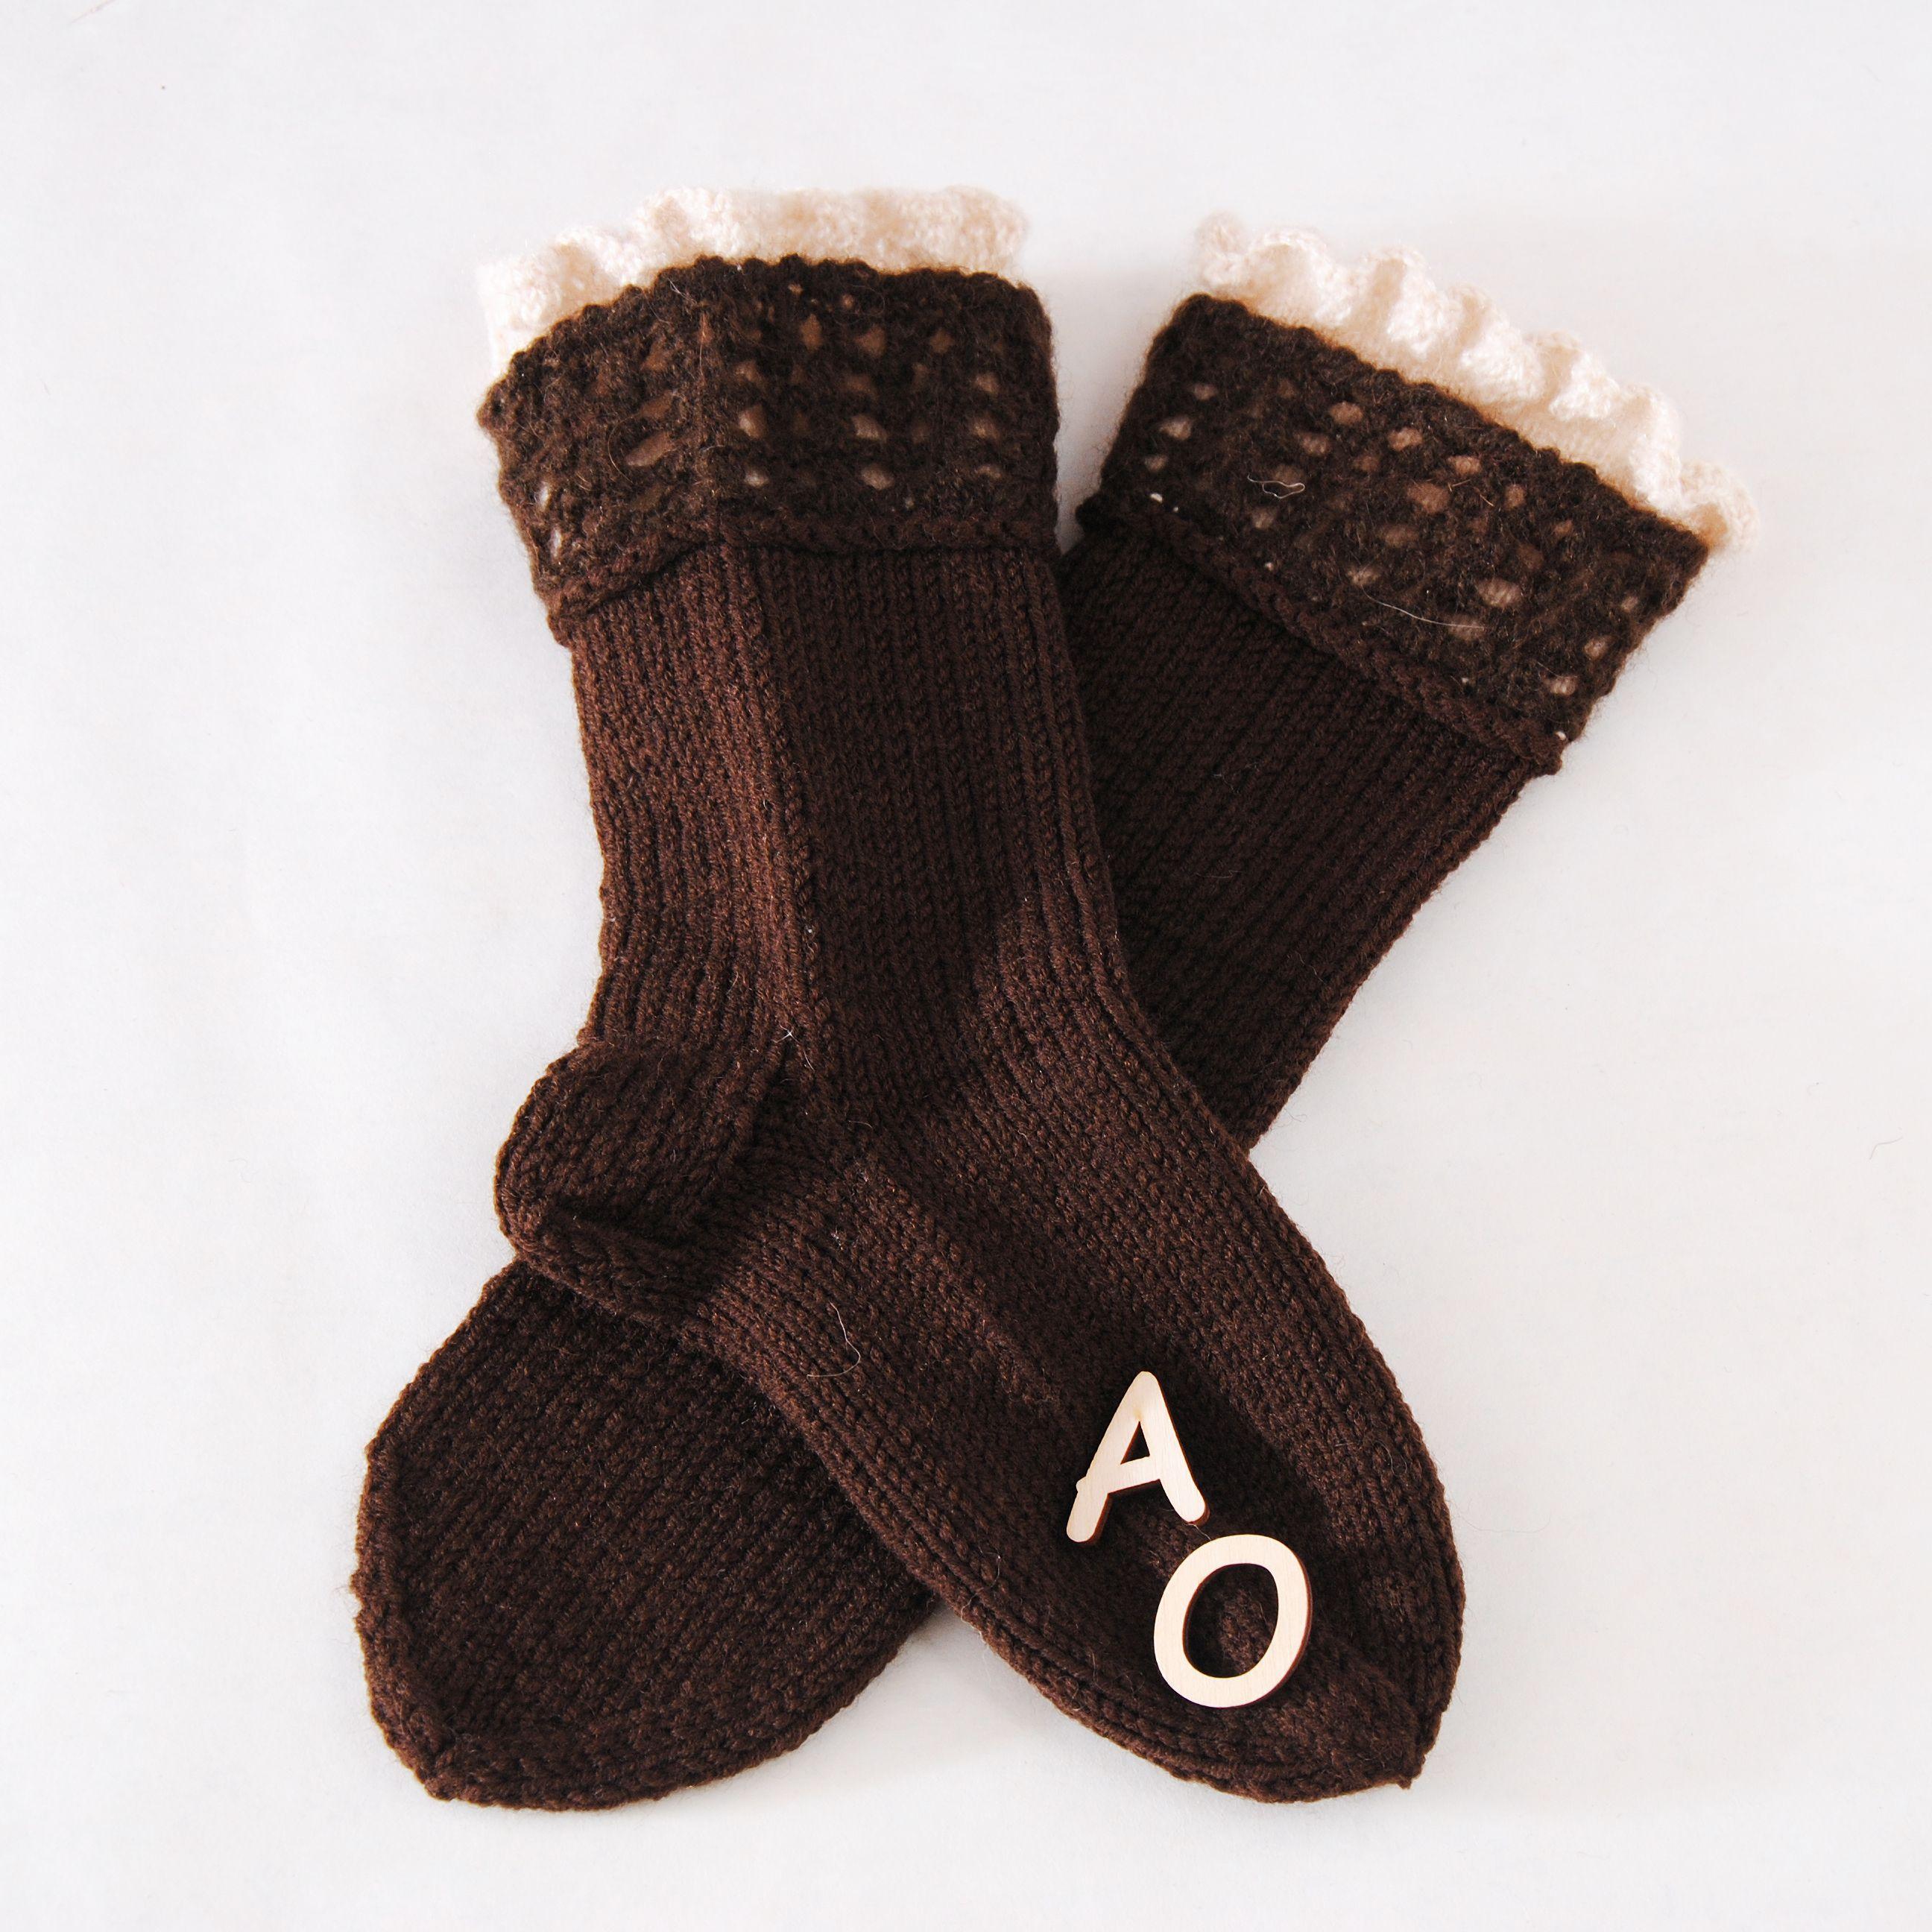 вязаные модные носочки купить шерстяные женские носки обувь домашняя подарок